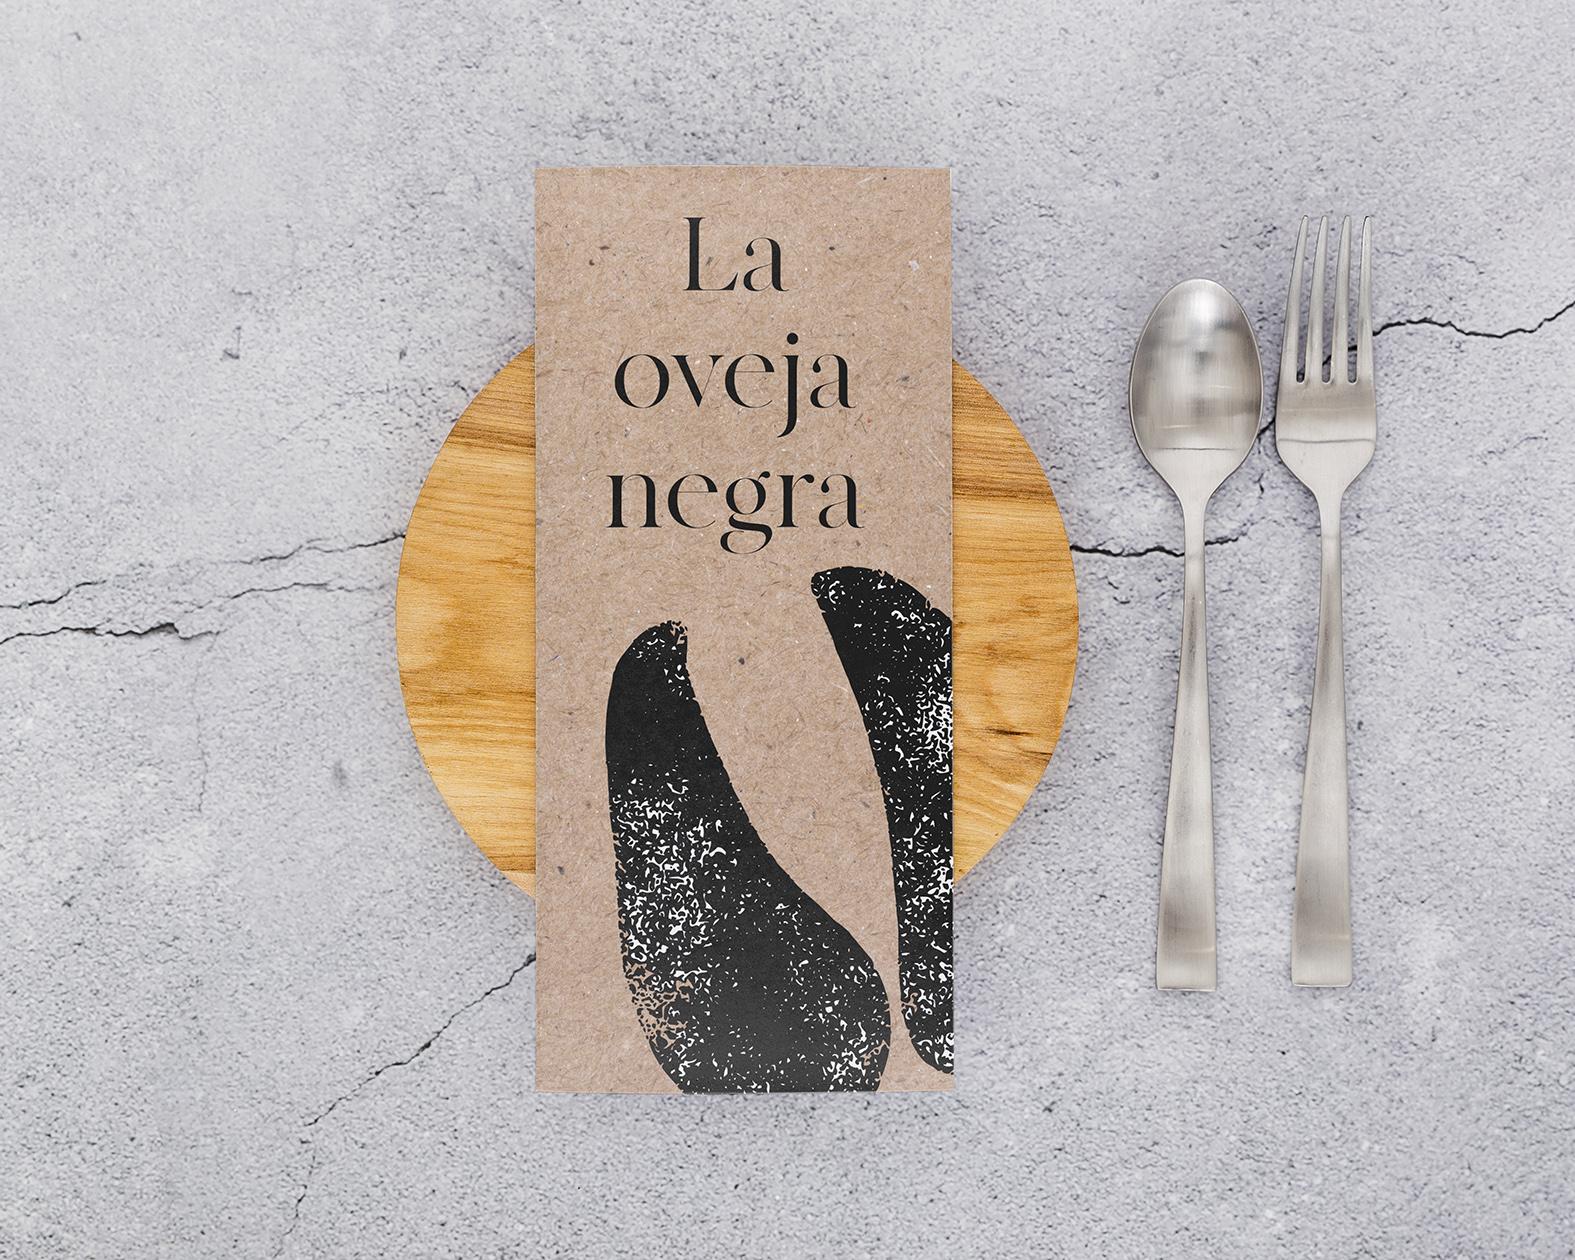 Fotografía gastronómica. Diseño de cartas, restaurante La Oveja Negra.